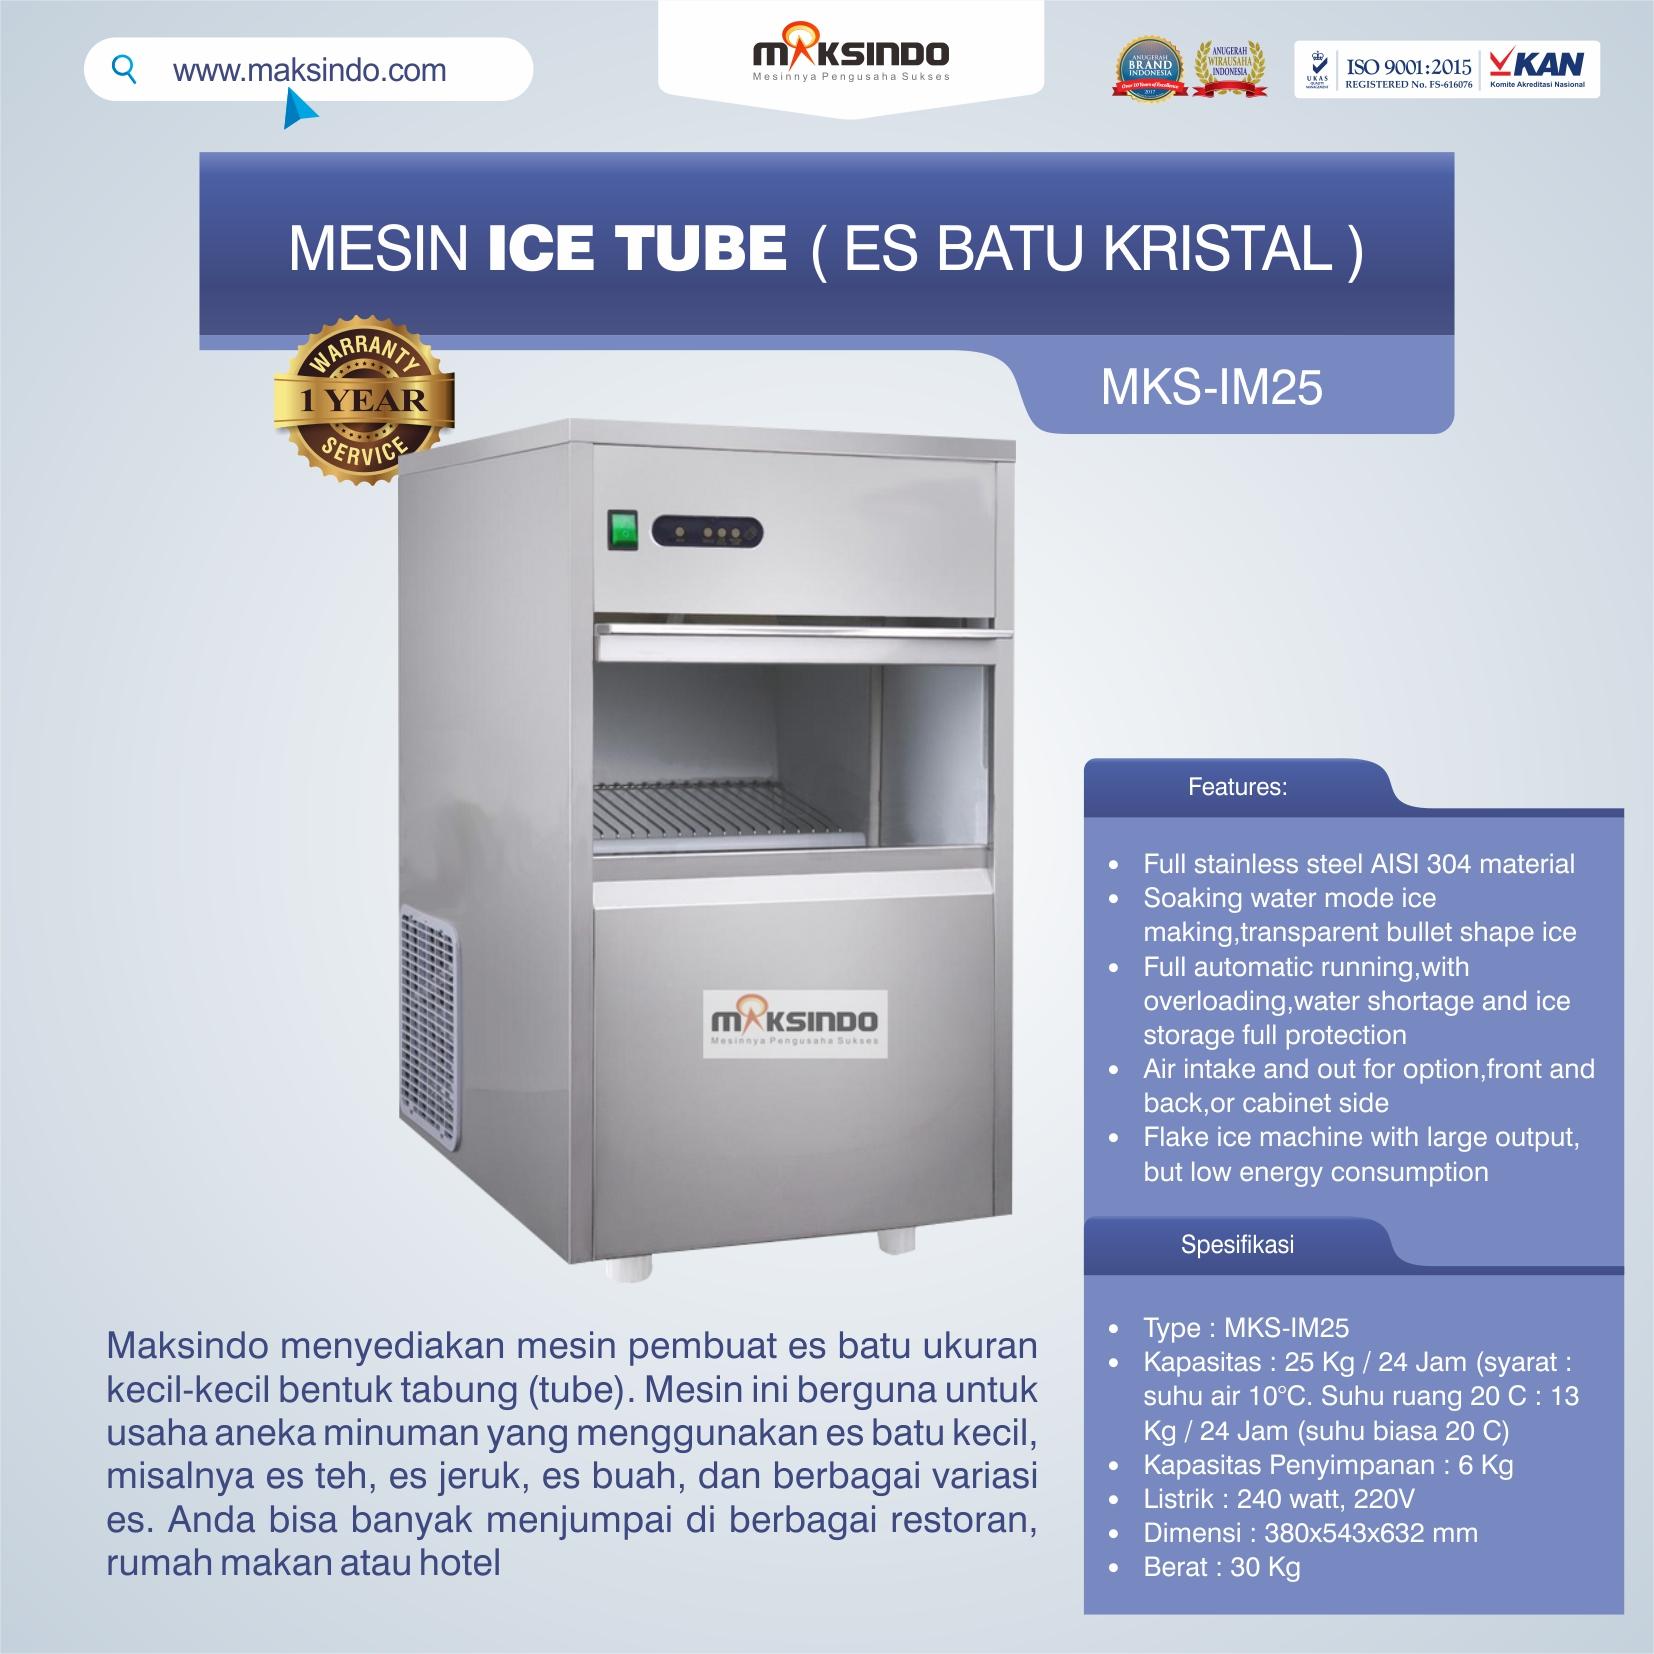 Mesin Ice Tube (Es Batu Kristal)